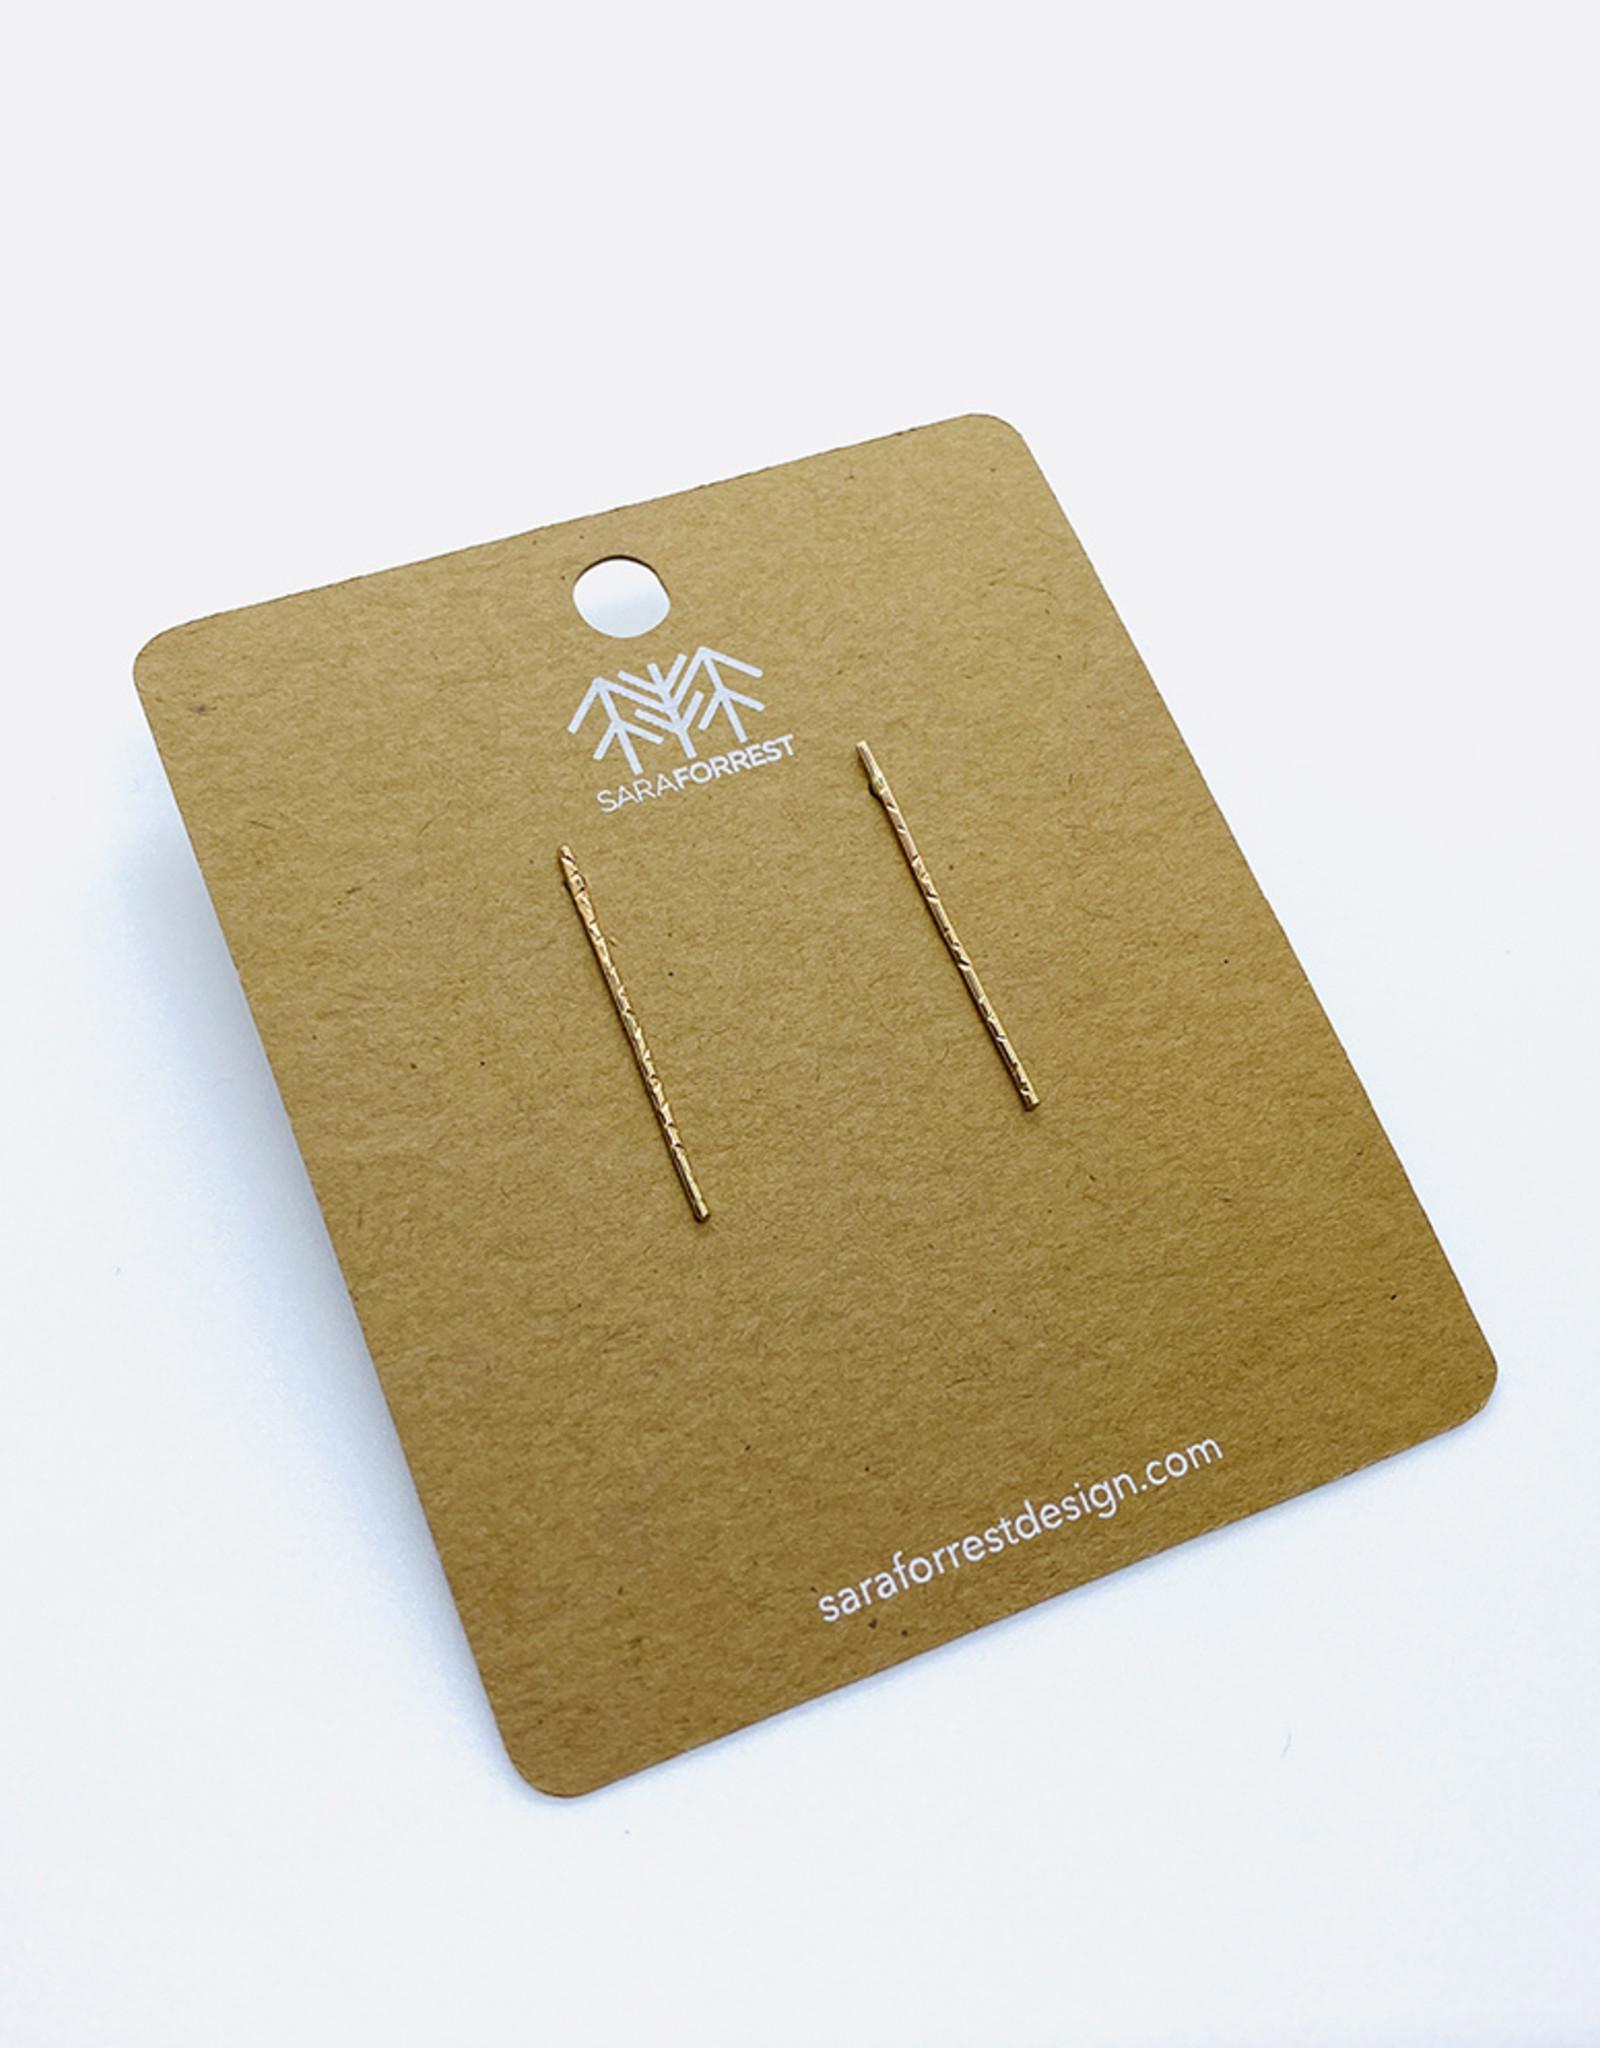 sara forrest design Gold Filled Bar Earrings by Sara Forrest Design